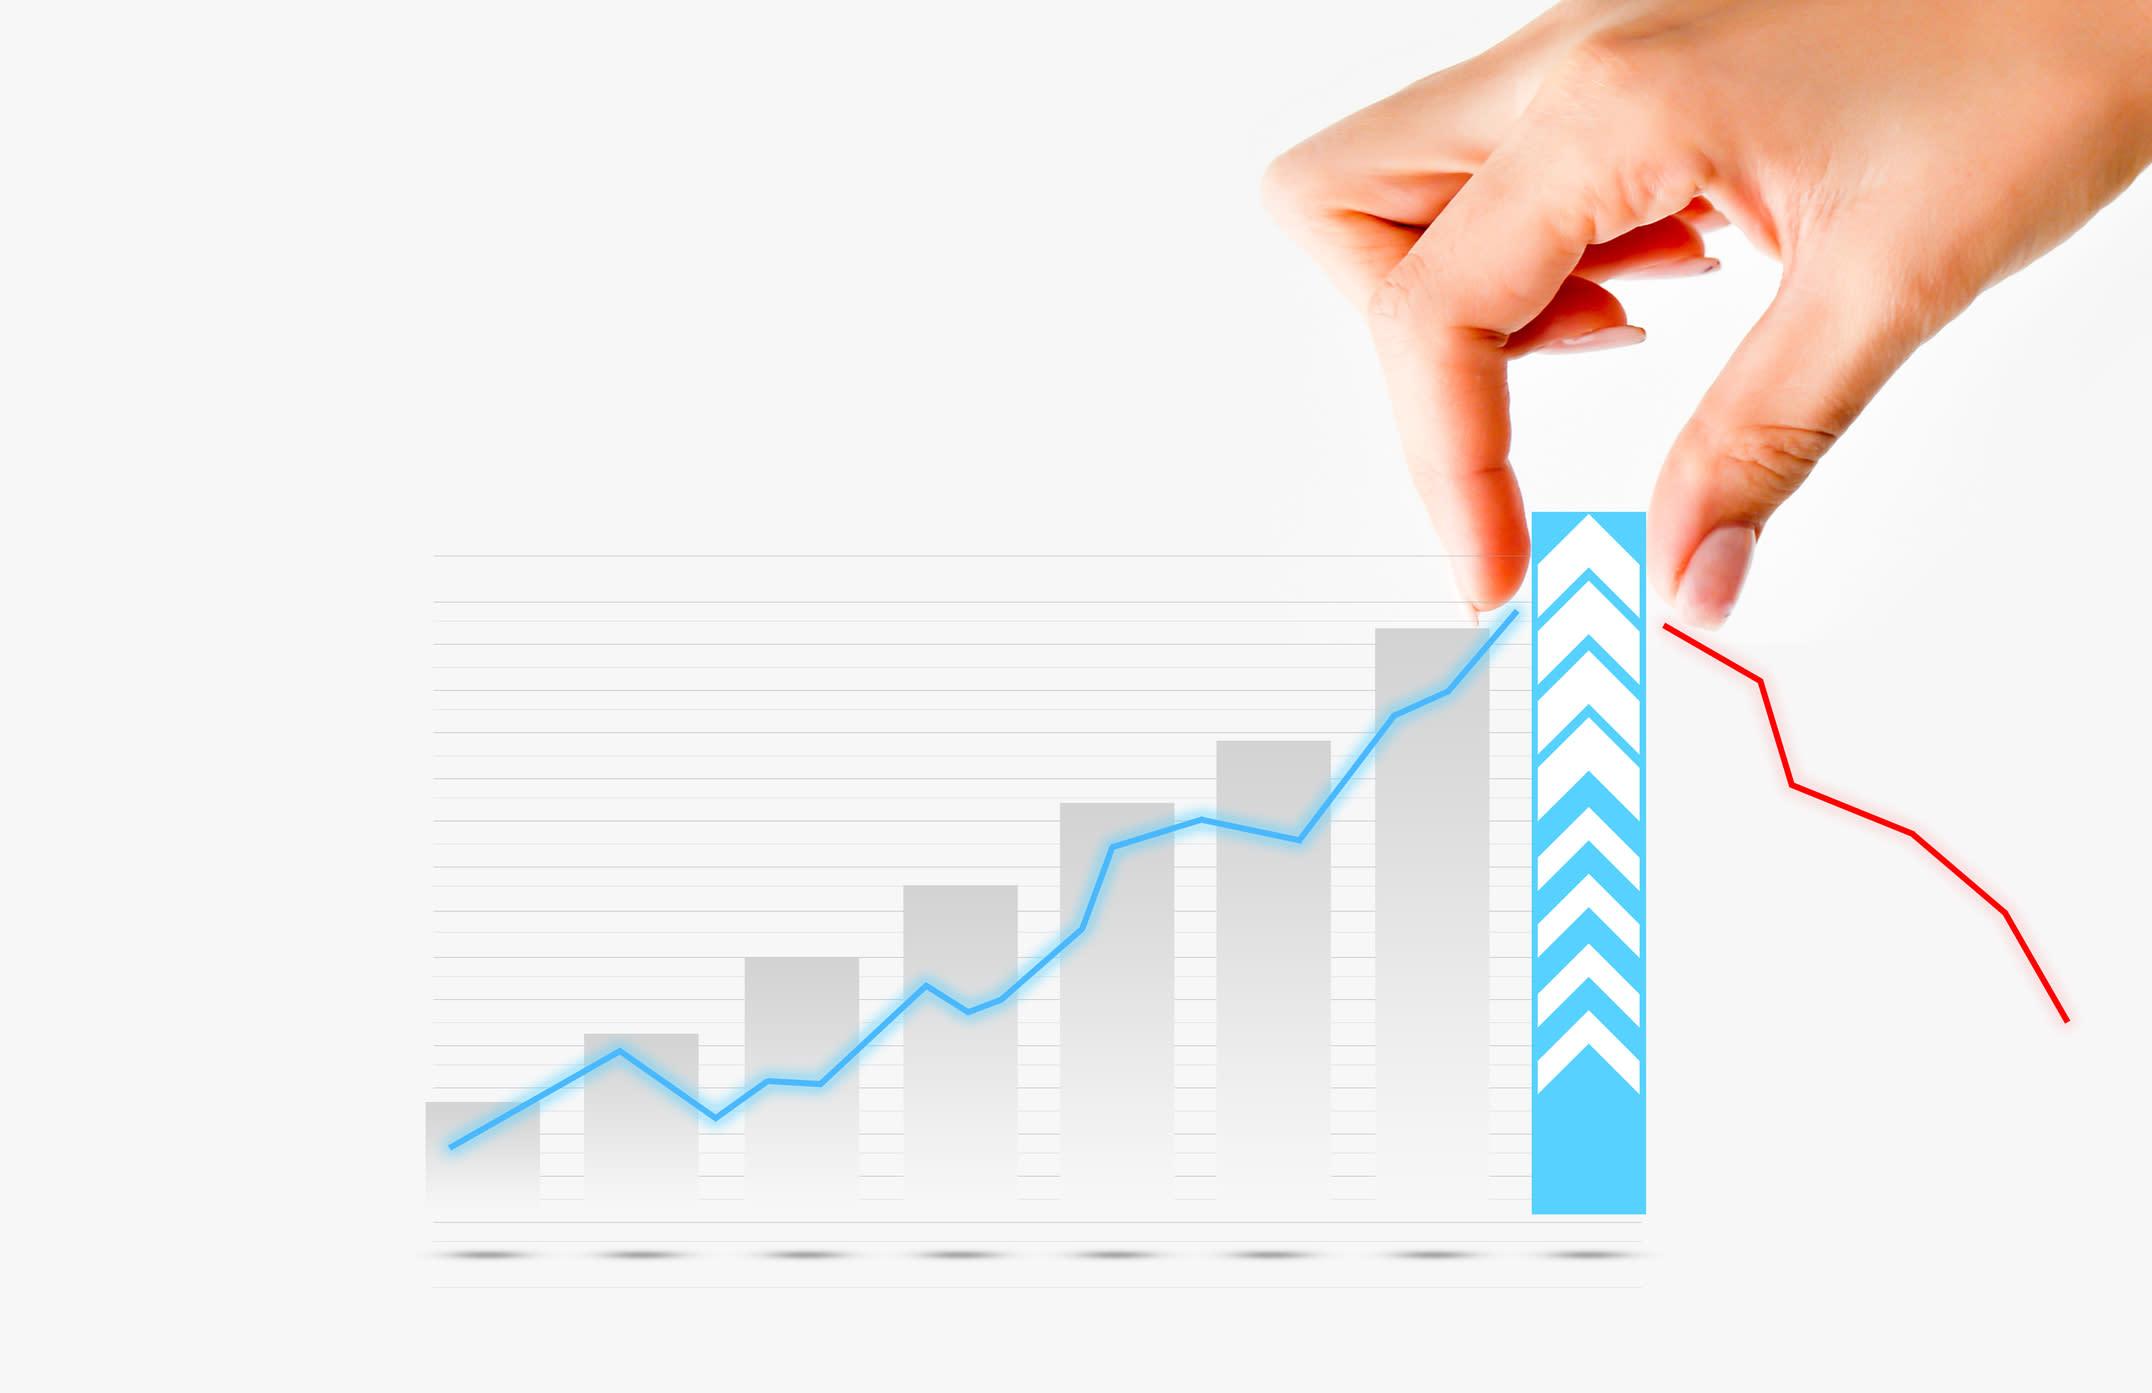 巴菲特年度股東信 三大重點看股神投資智慧